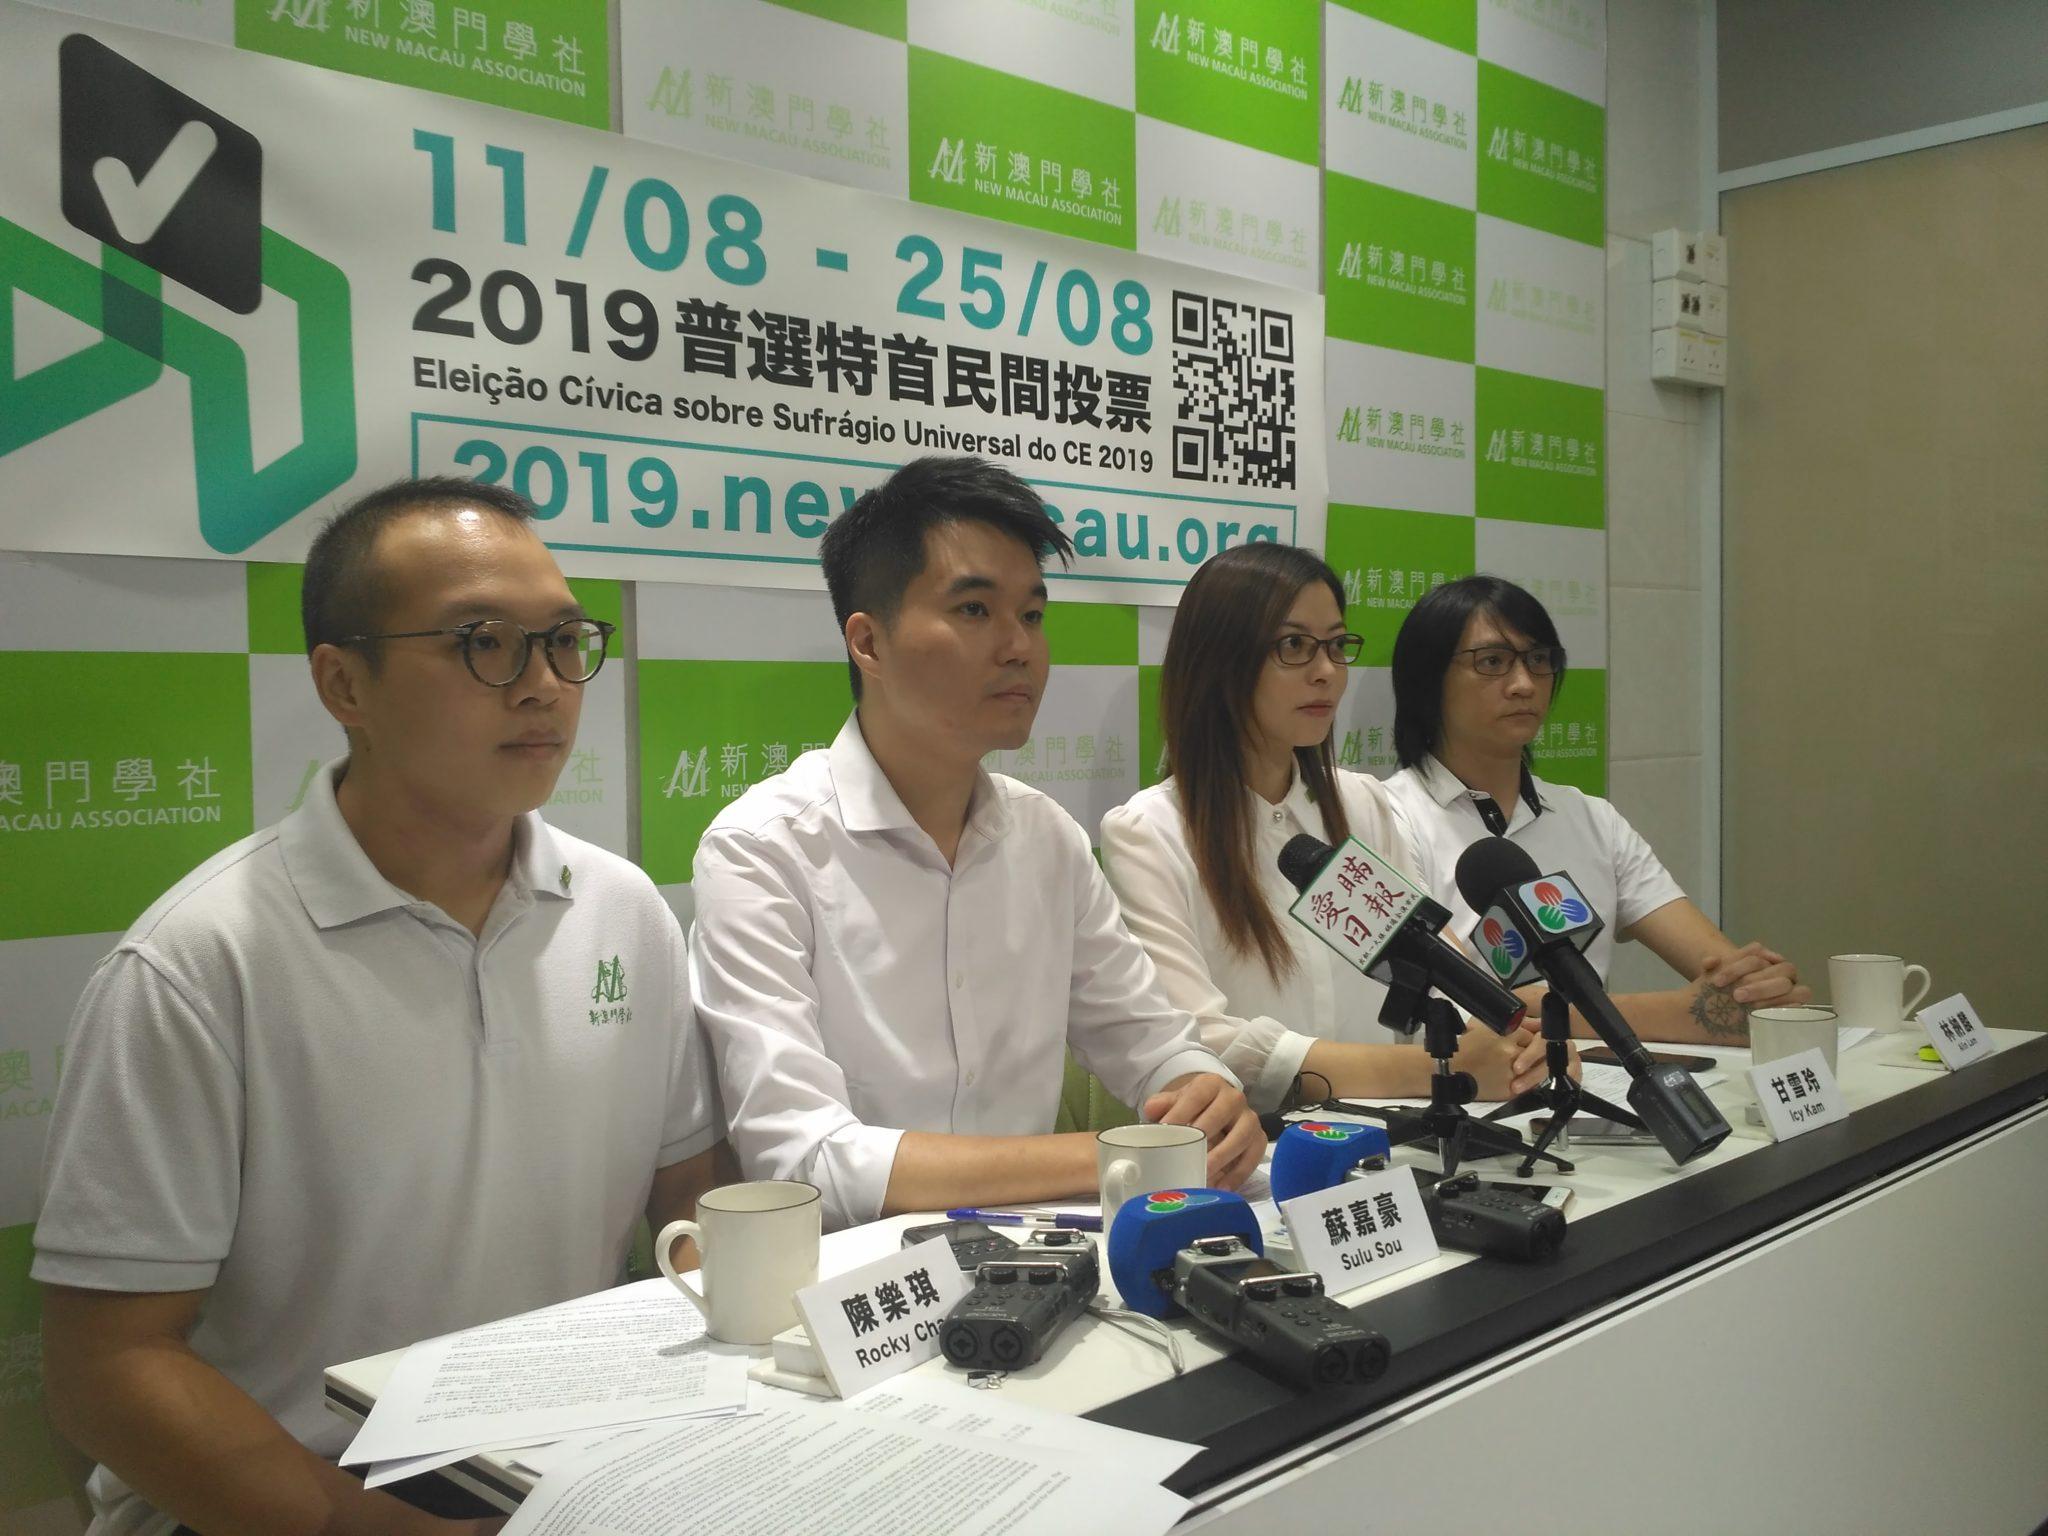 Associação Novo Macau diz ter sido vítima de ameaças e perseguições